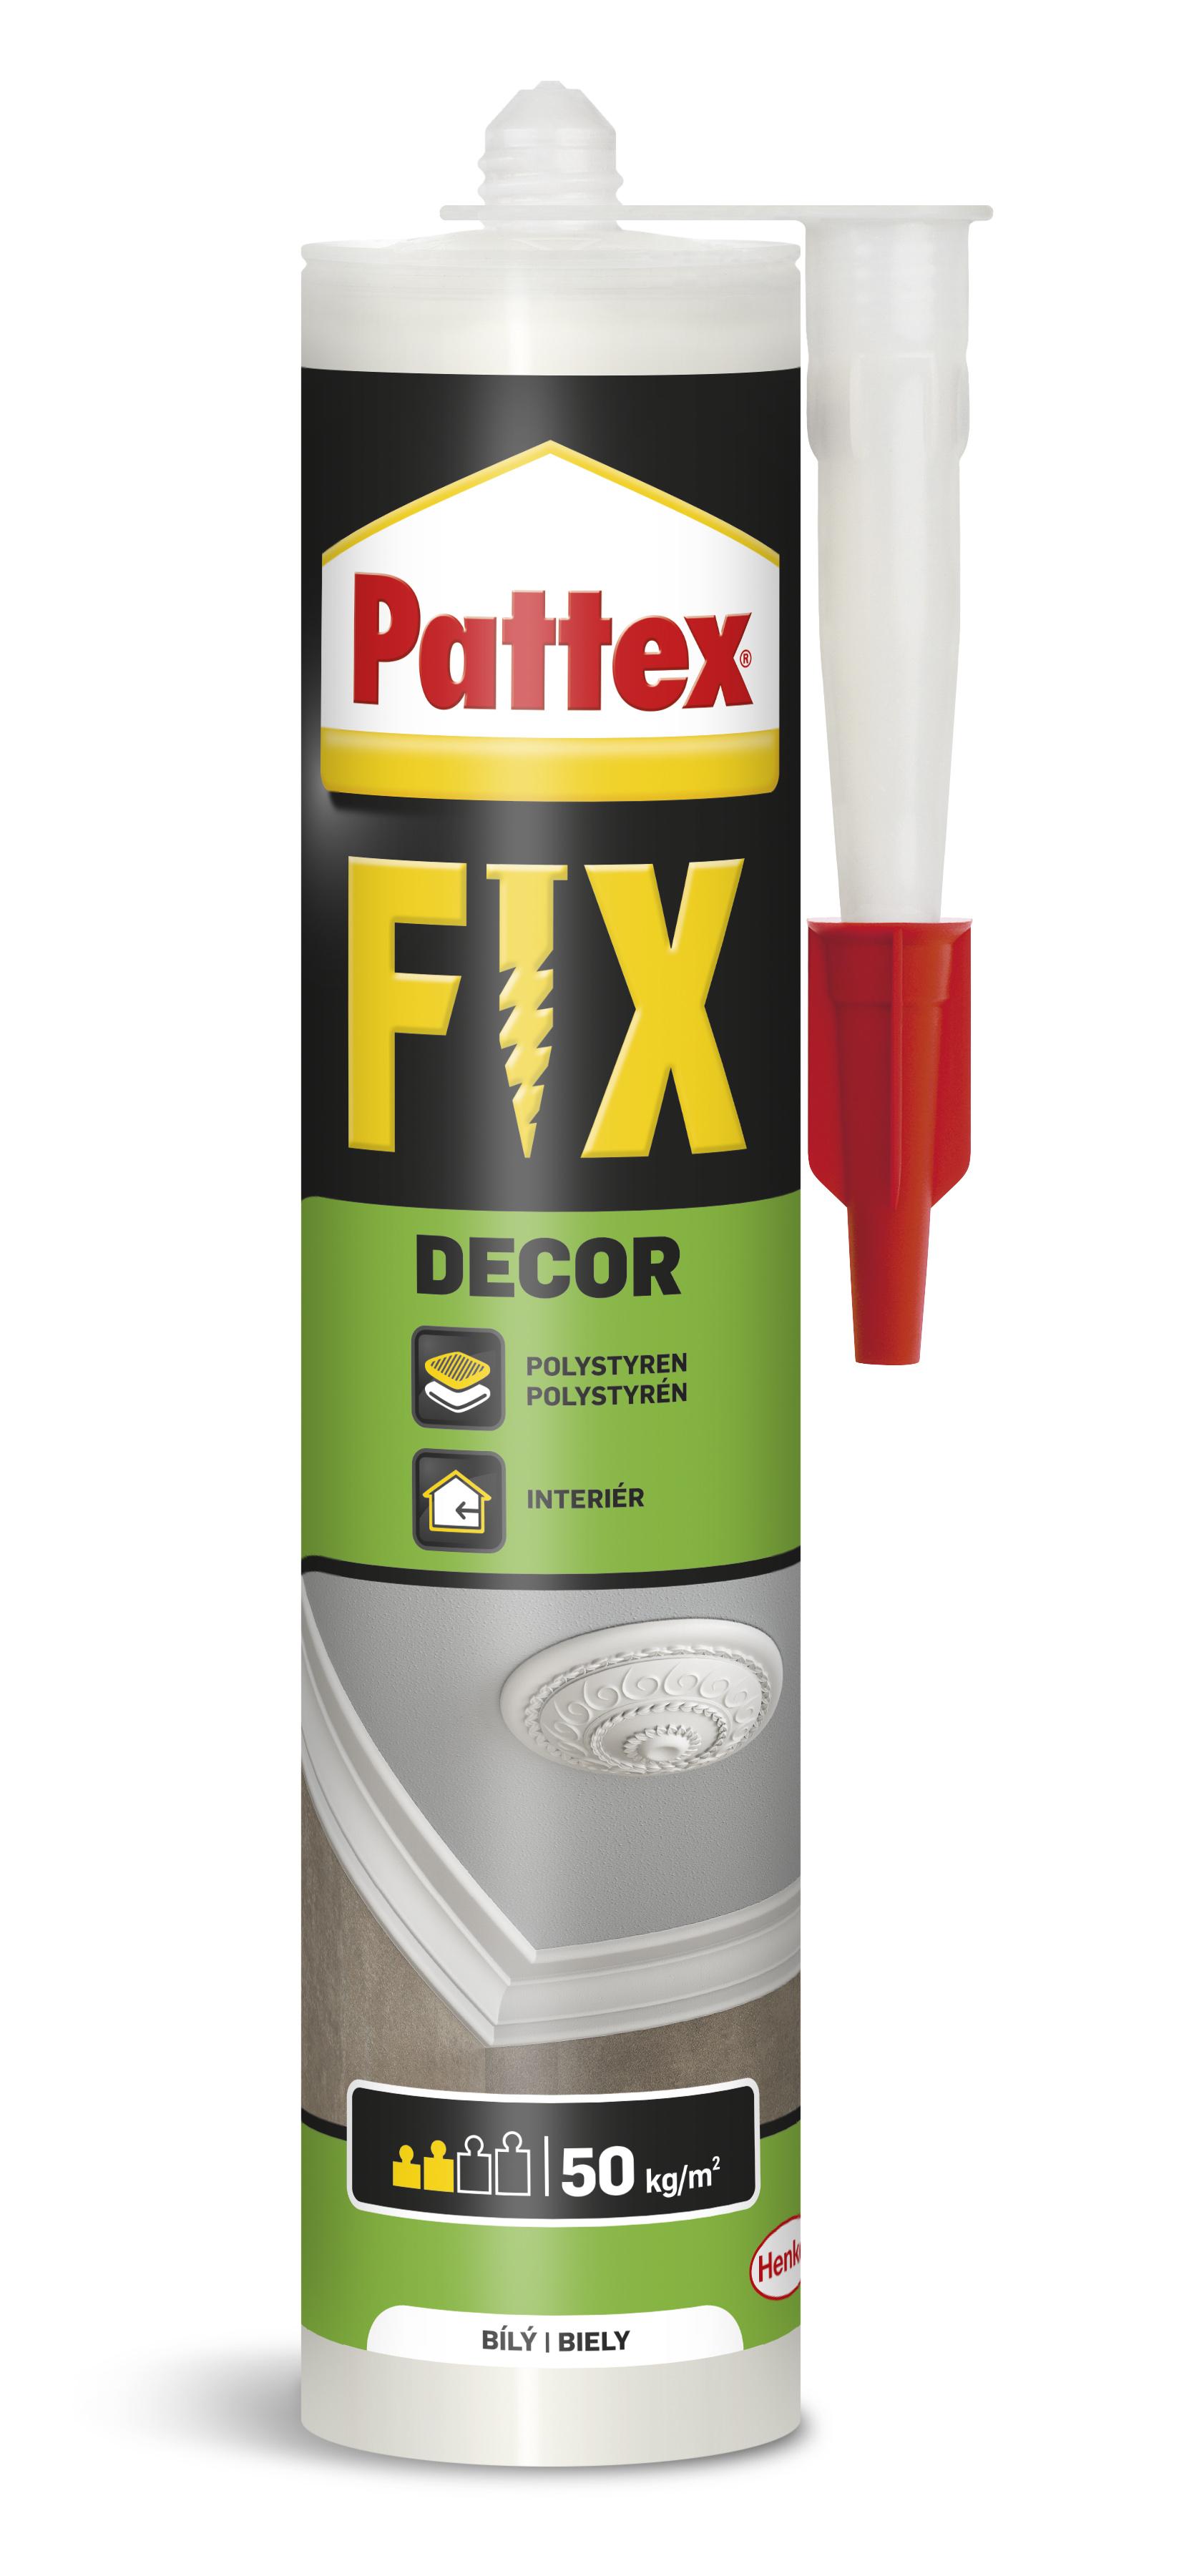 Pattex FIX Decor